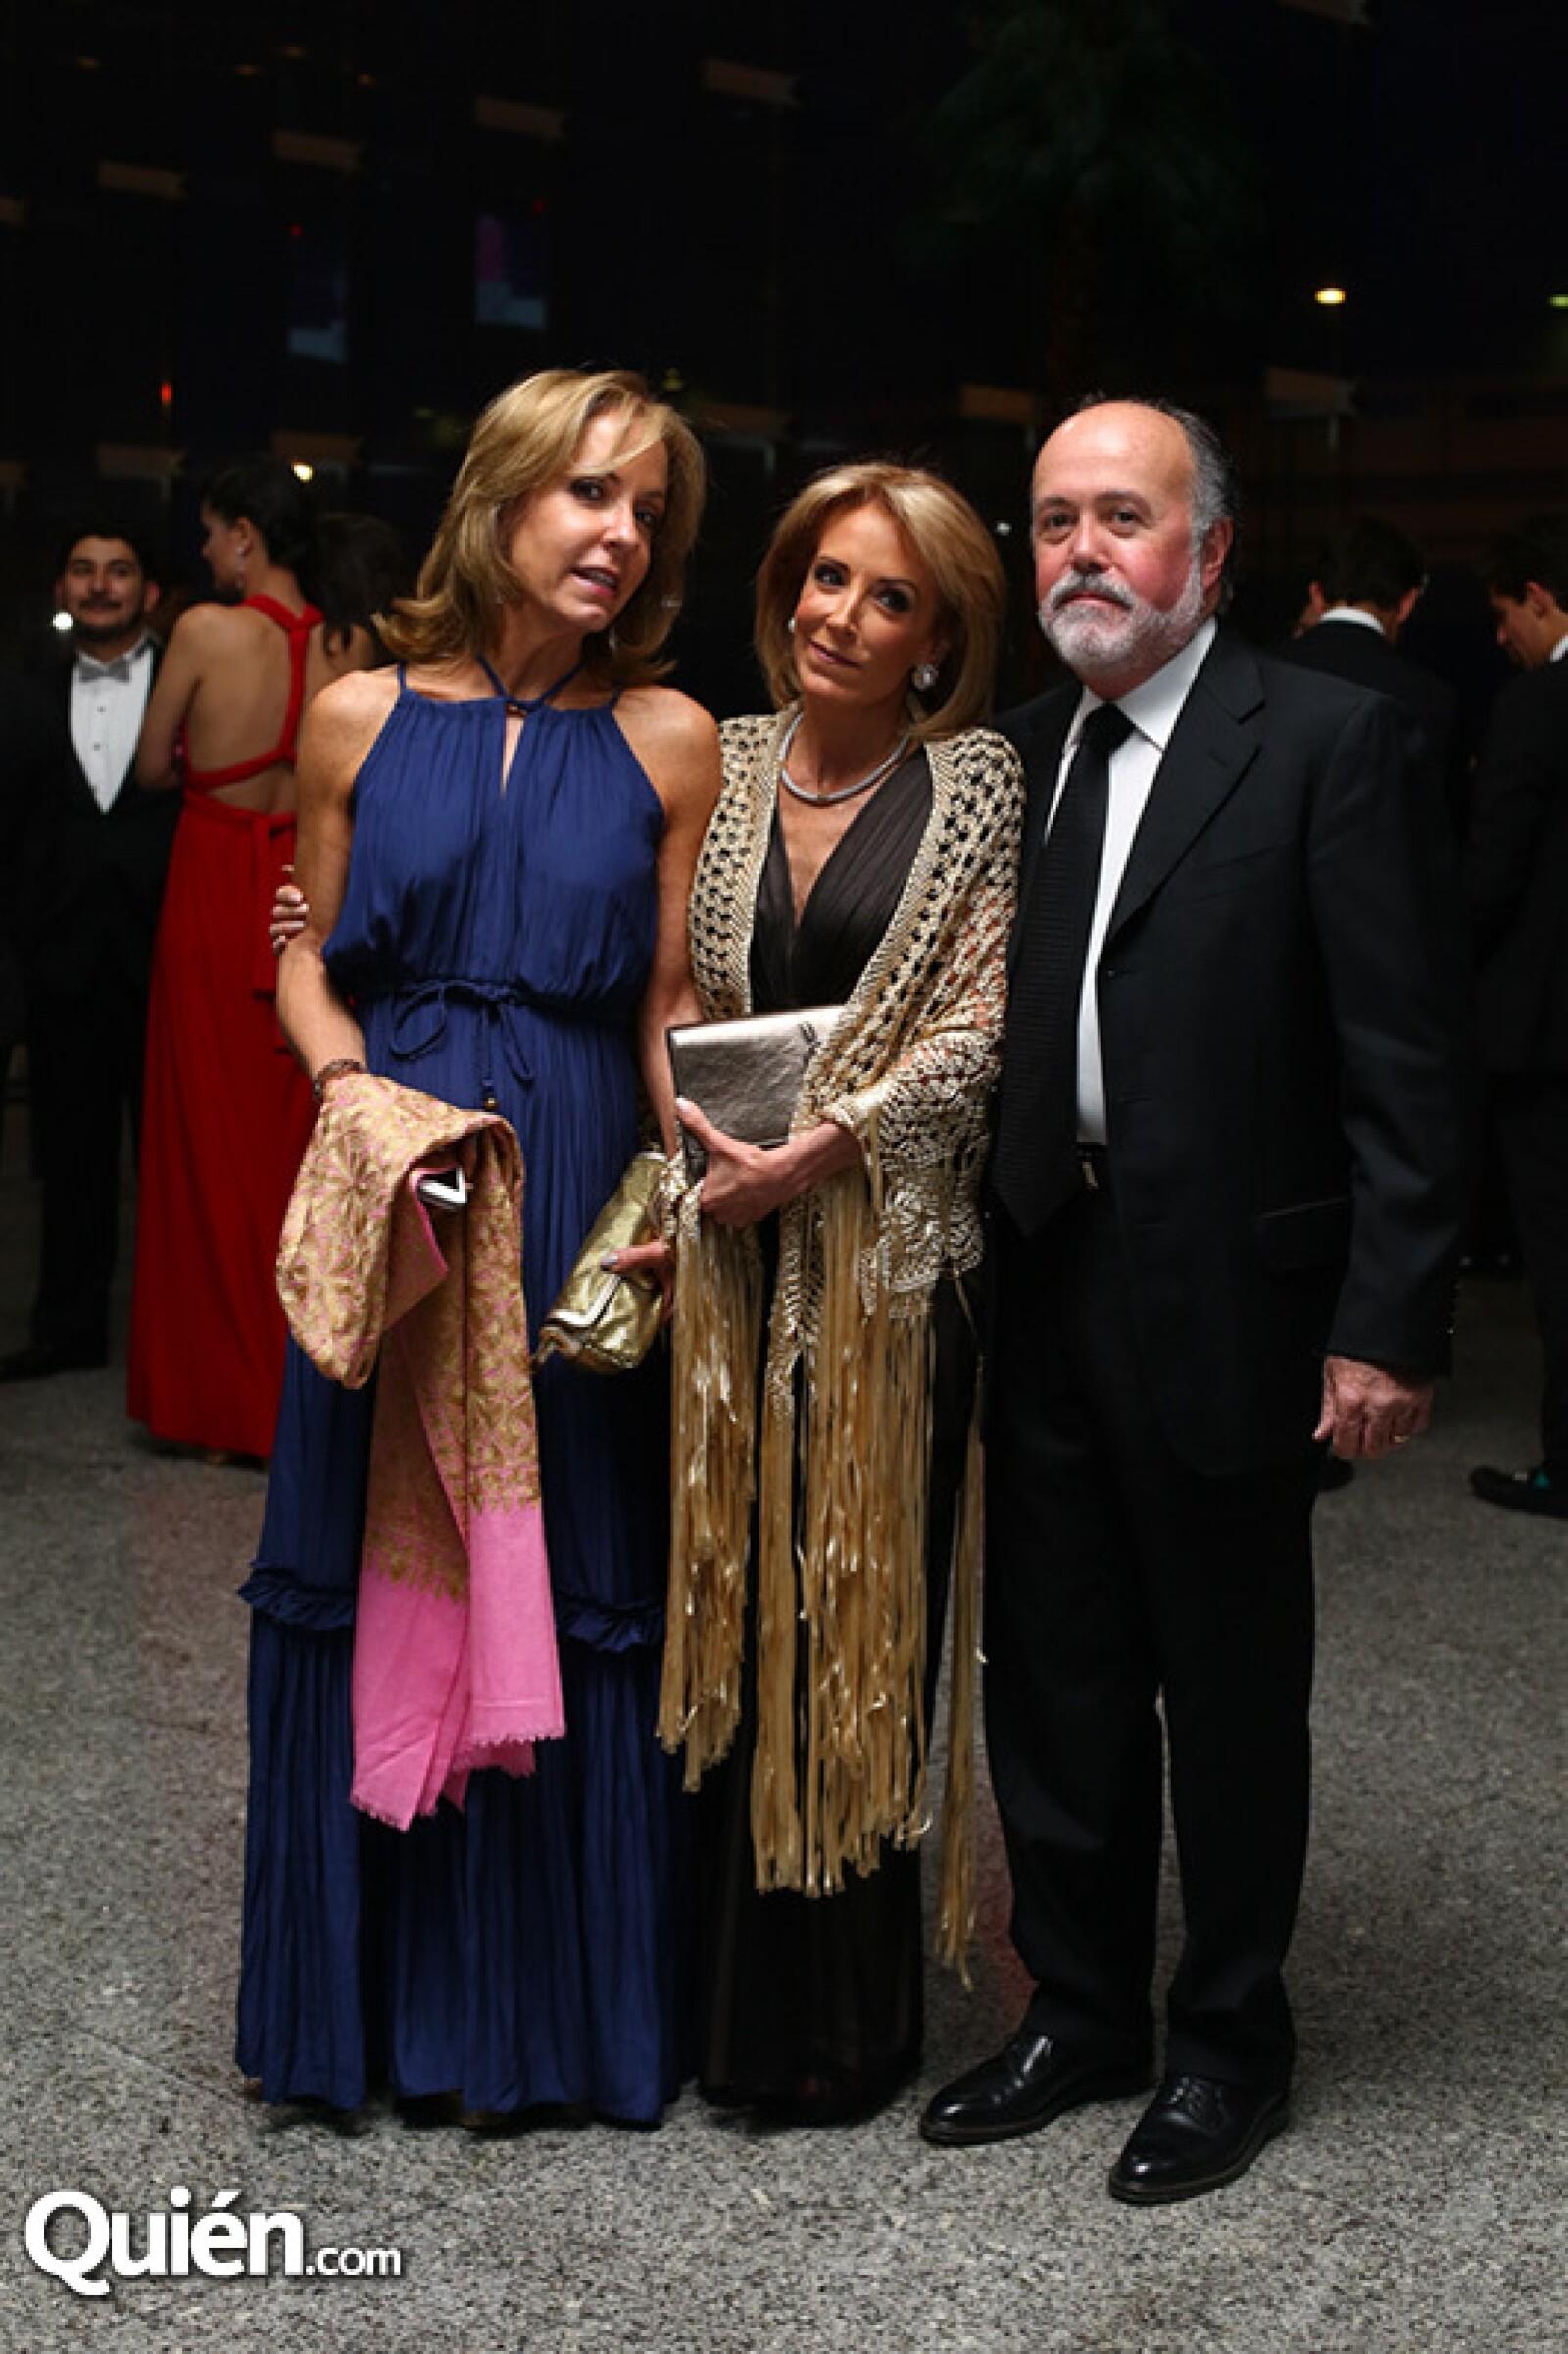 Lorenza Barroso, Maru y Chema Ribot